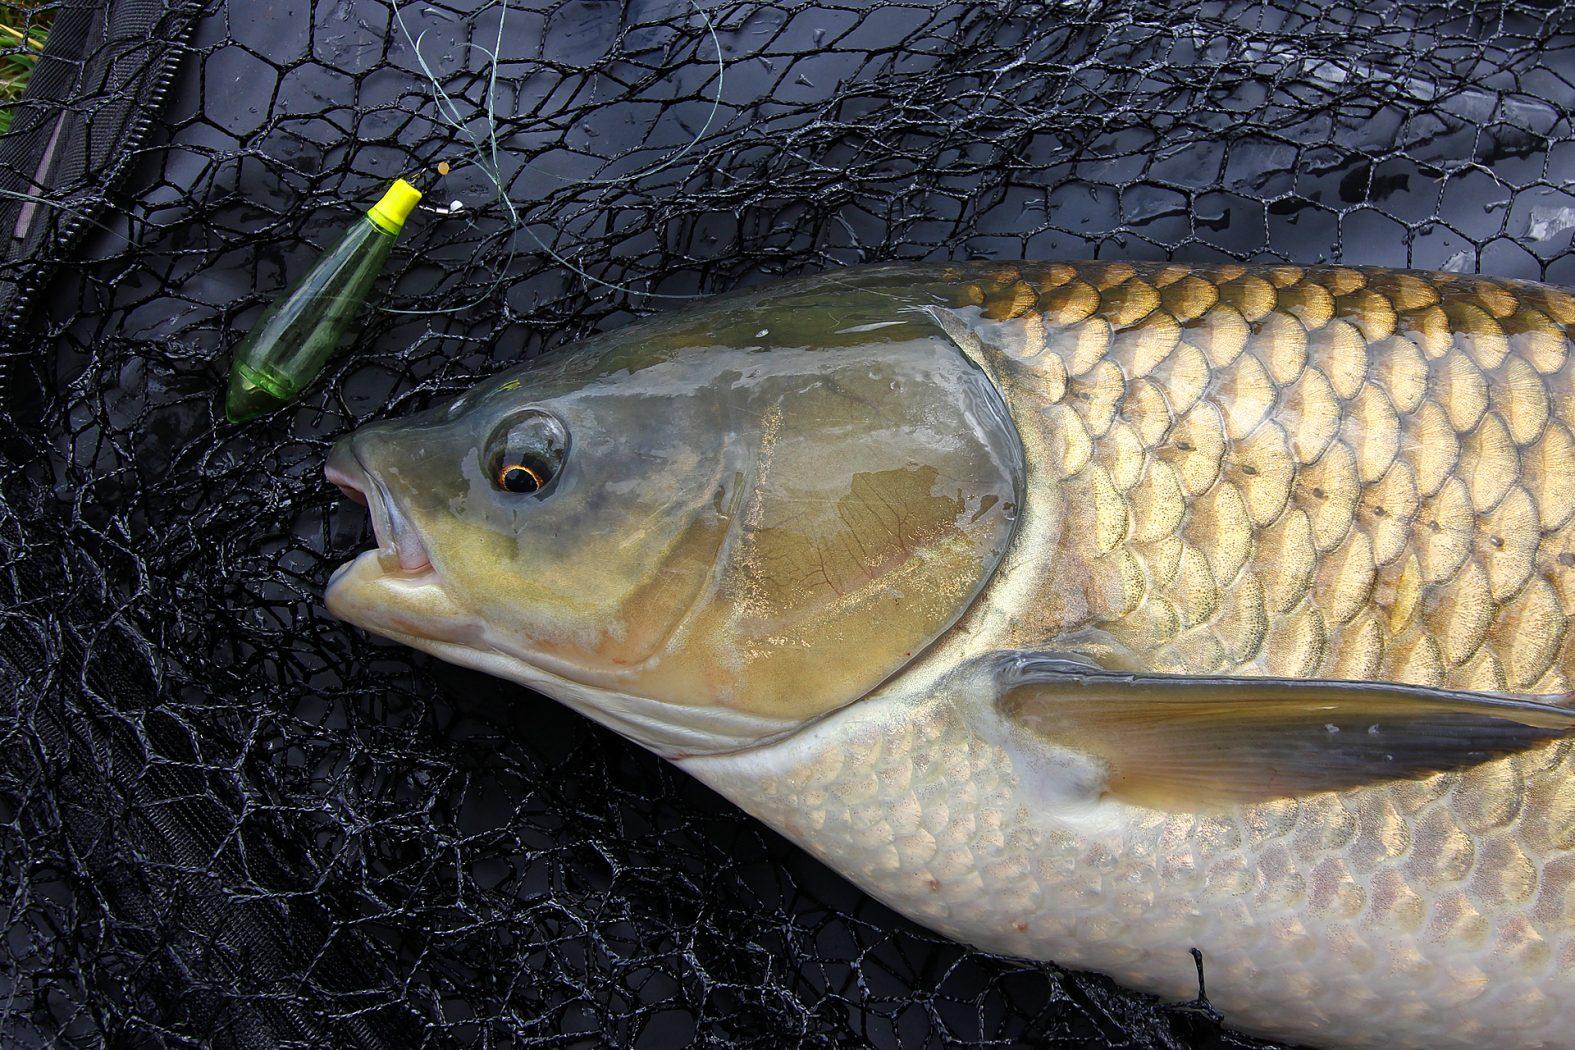 Graskarpfen angeln an der Oberfläche